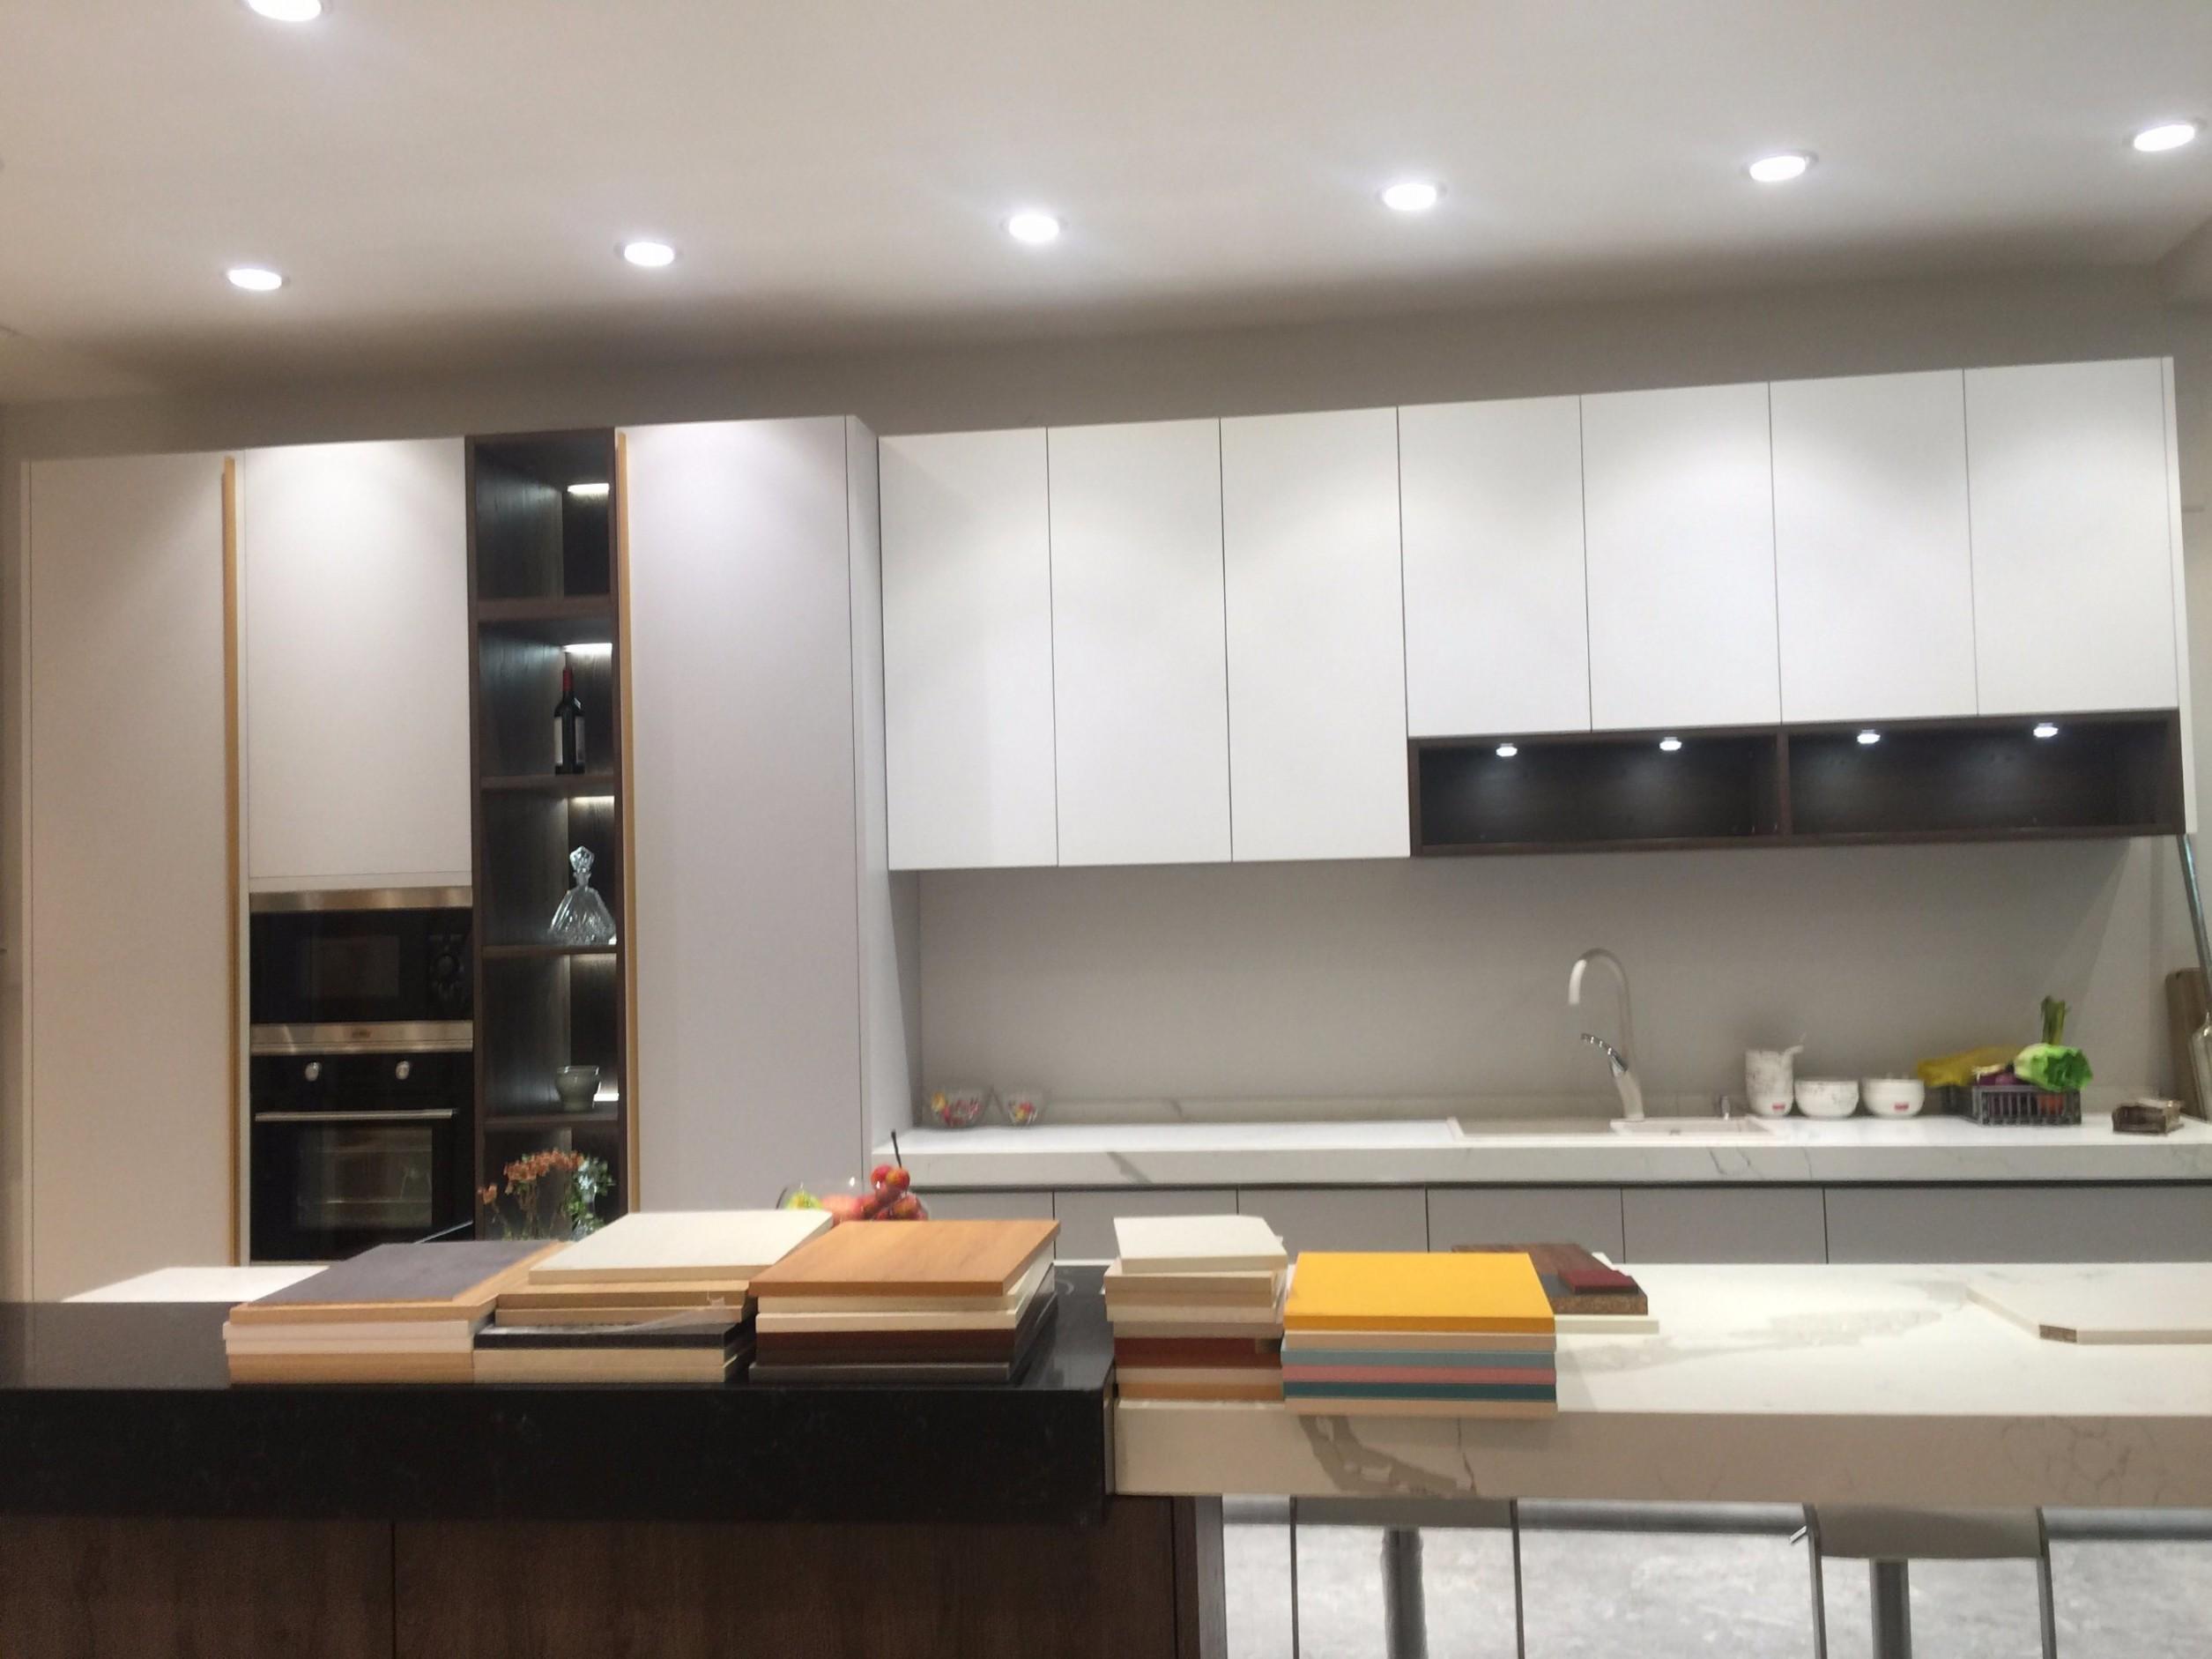 [Hot Item] High Gloss White Kitchen Furniture Cabinet with E100/E10 Grade  (ACS10-L10910) - Kitchen Cabinets Gloss White